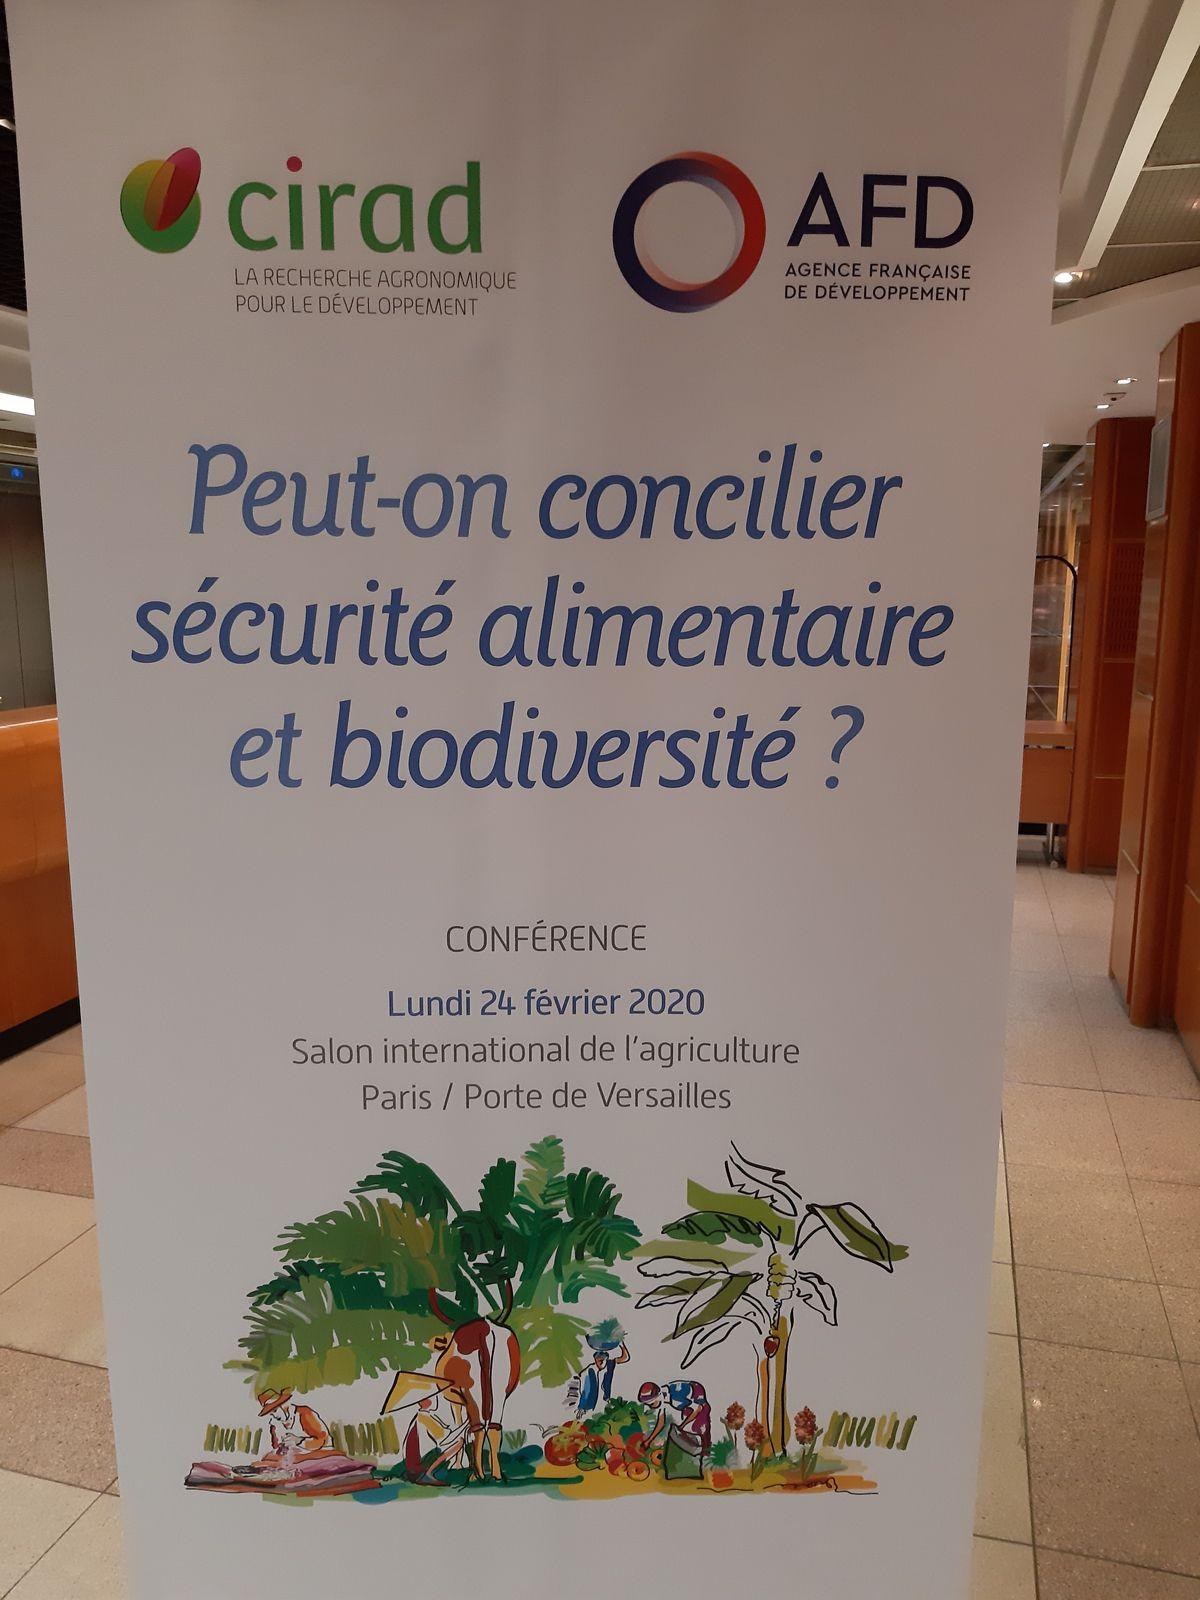 SALON DE L'AGRICULTURE 2020 :  BIEN ETRE ANIMAL, DECARBONATION, BIODIVERSITE  ET SECURITE ALIMENTAIRE